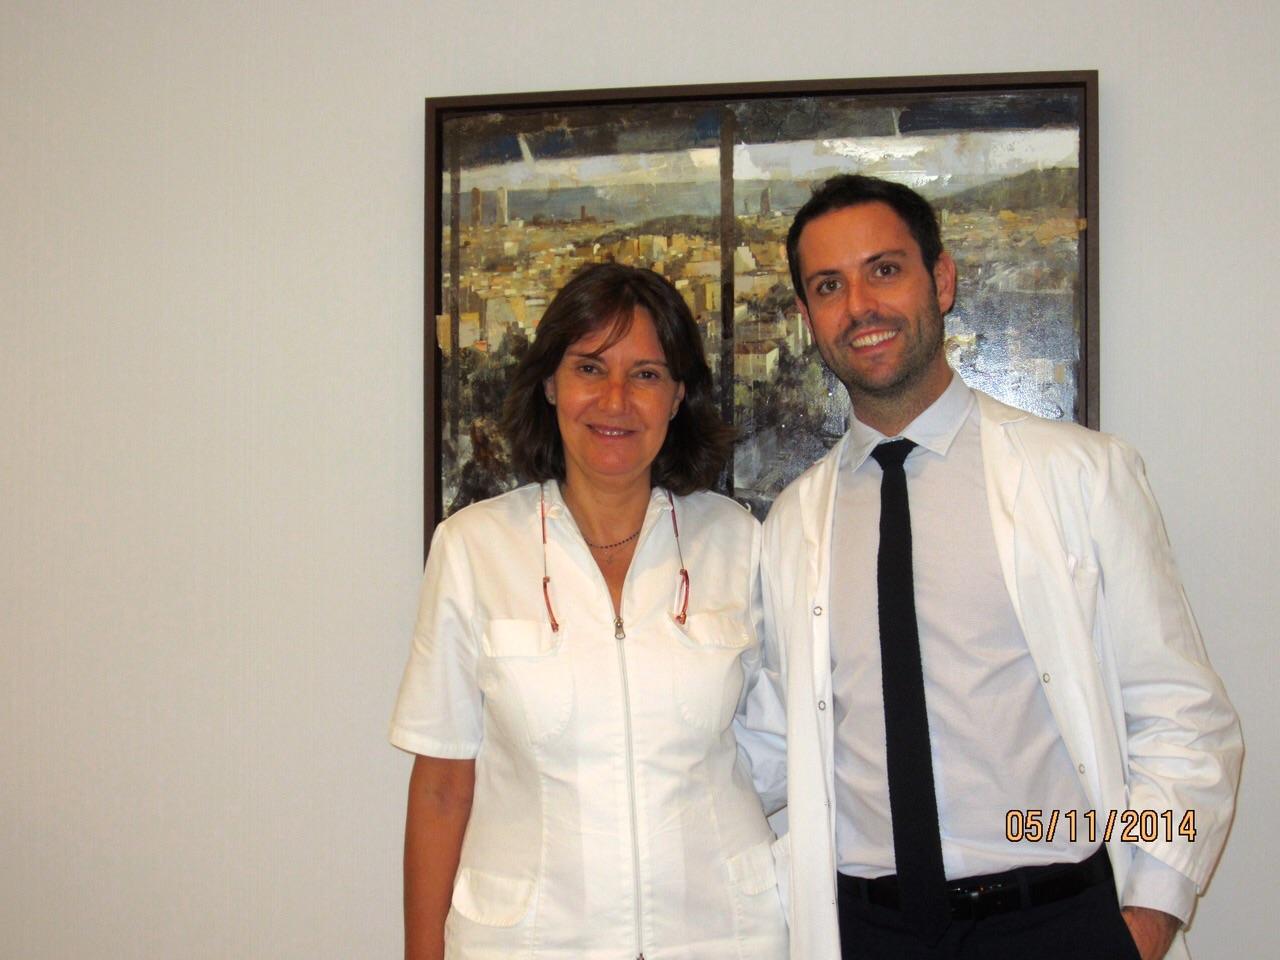 El Dr Ramos con la Dra Villanueva durante su estancia en nuestra consulta - Noviembre 2014